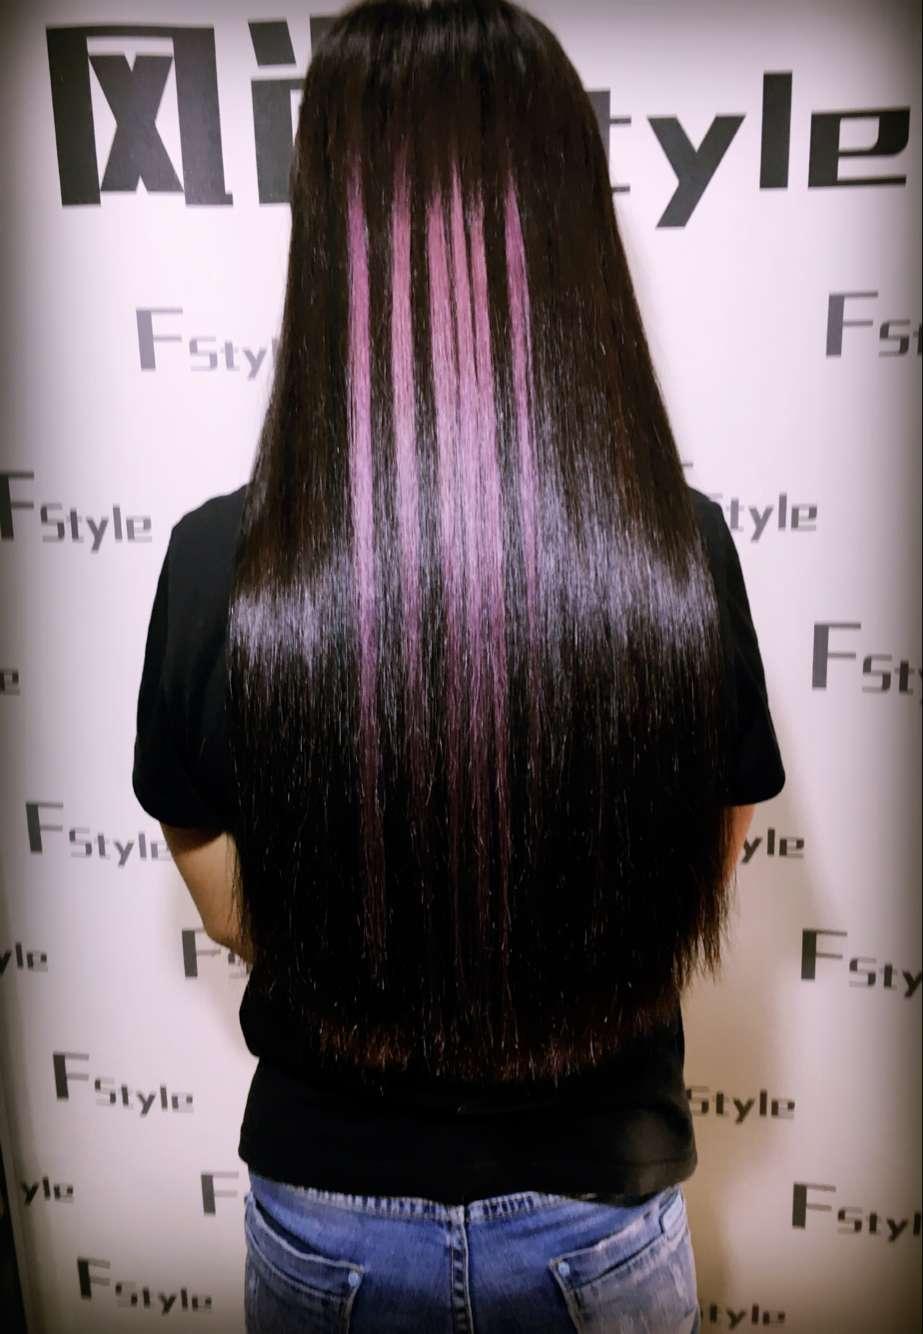 跟自己的头发能很好的衔接,所以很难看出接发的痕迹.图片